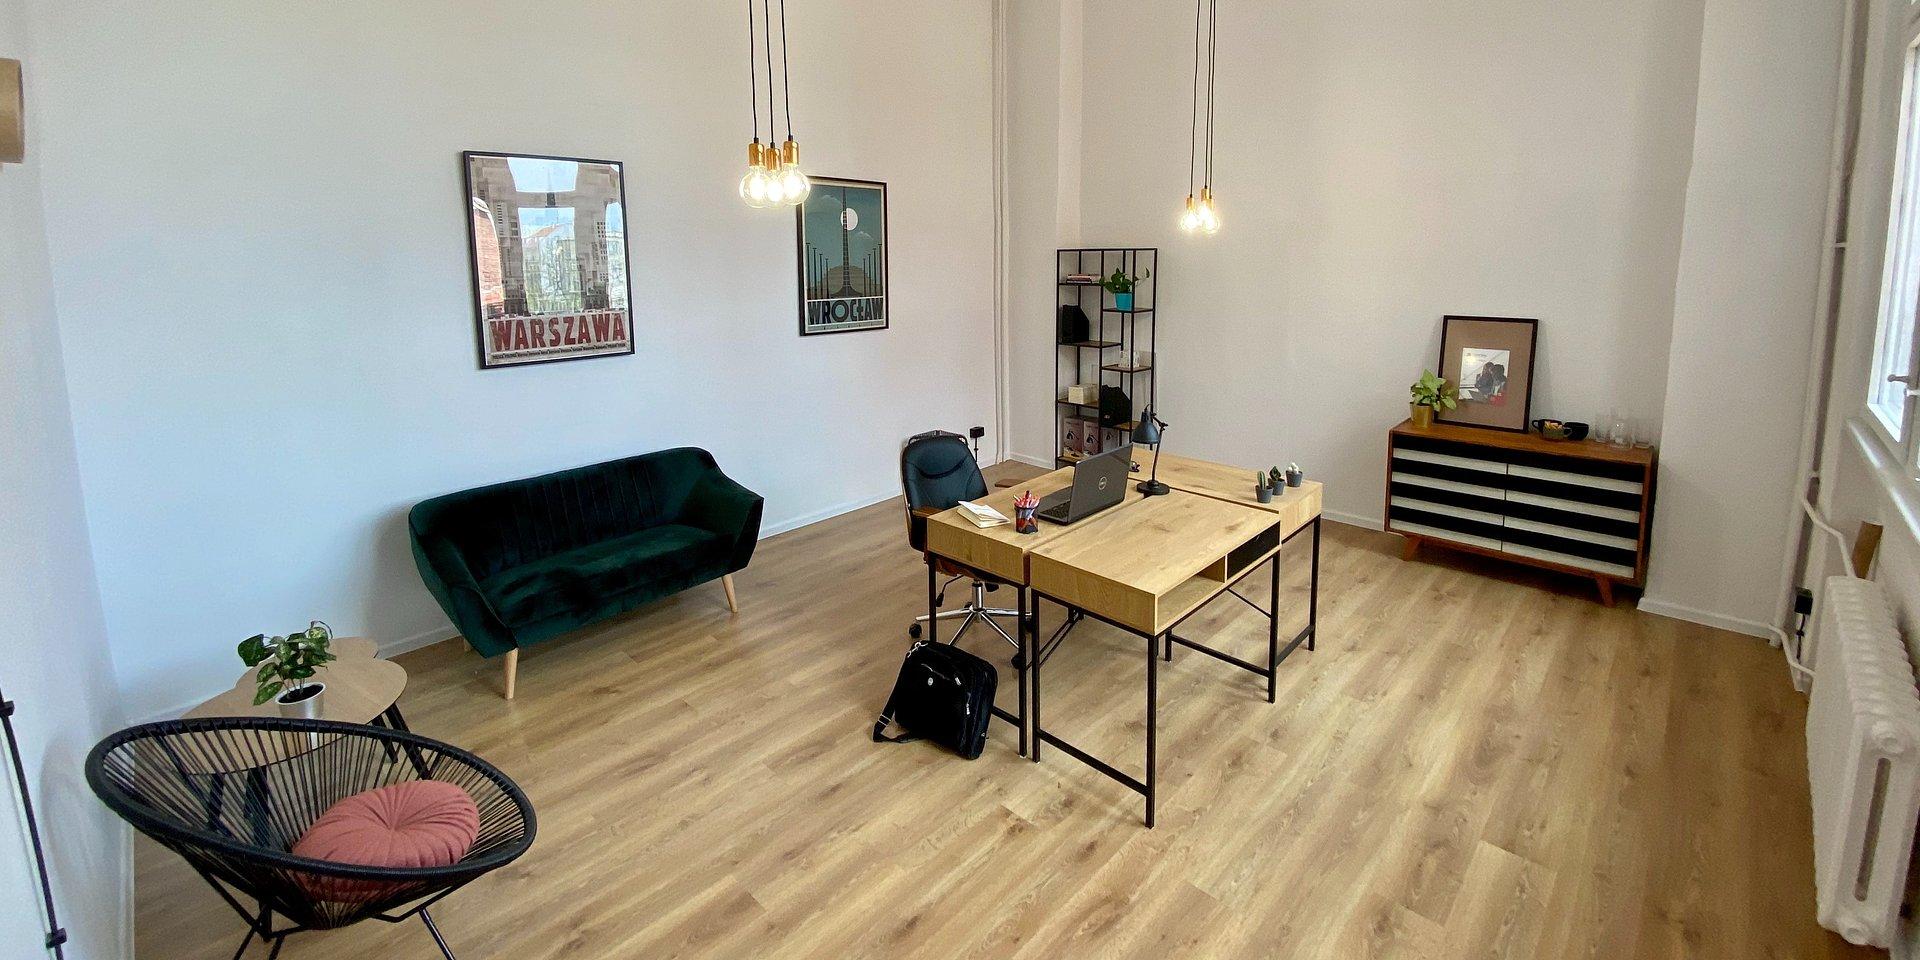 Agencja Good One PR otworzyła biuro we Wrocławiu